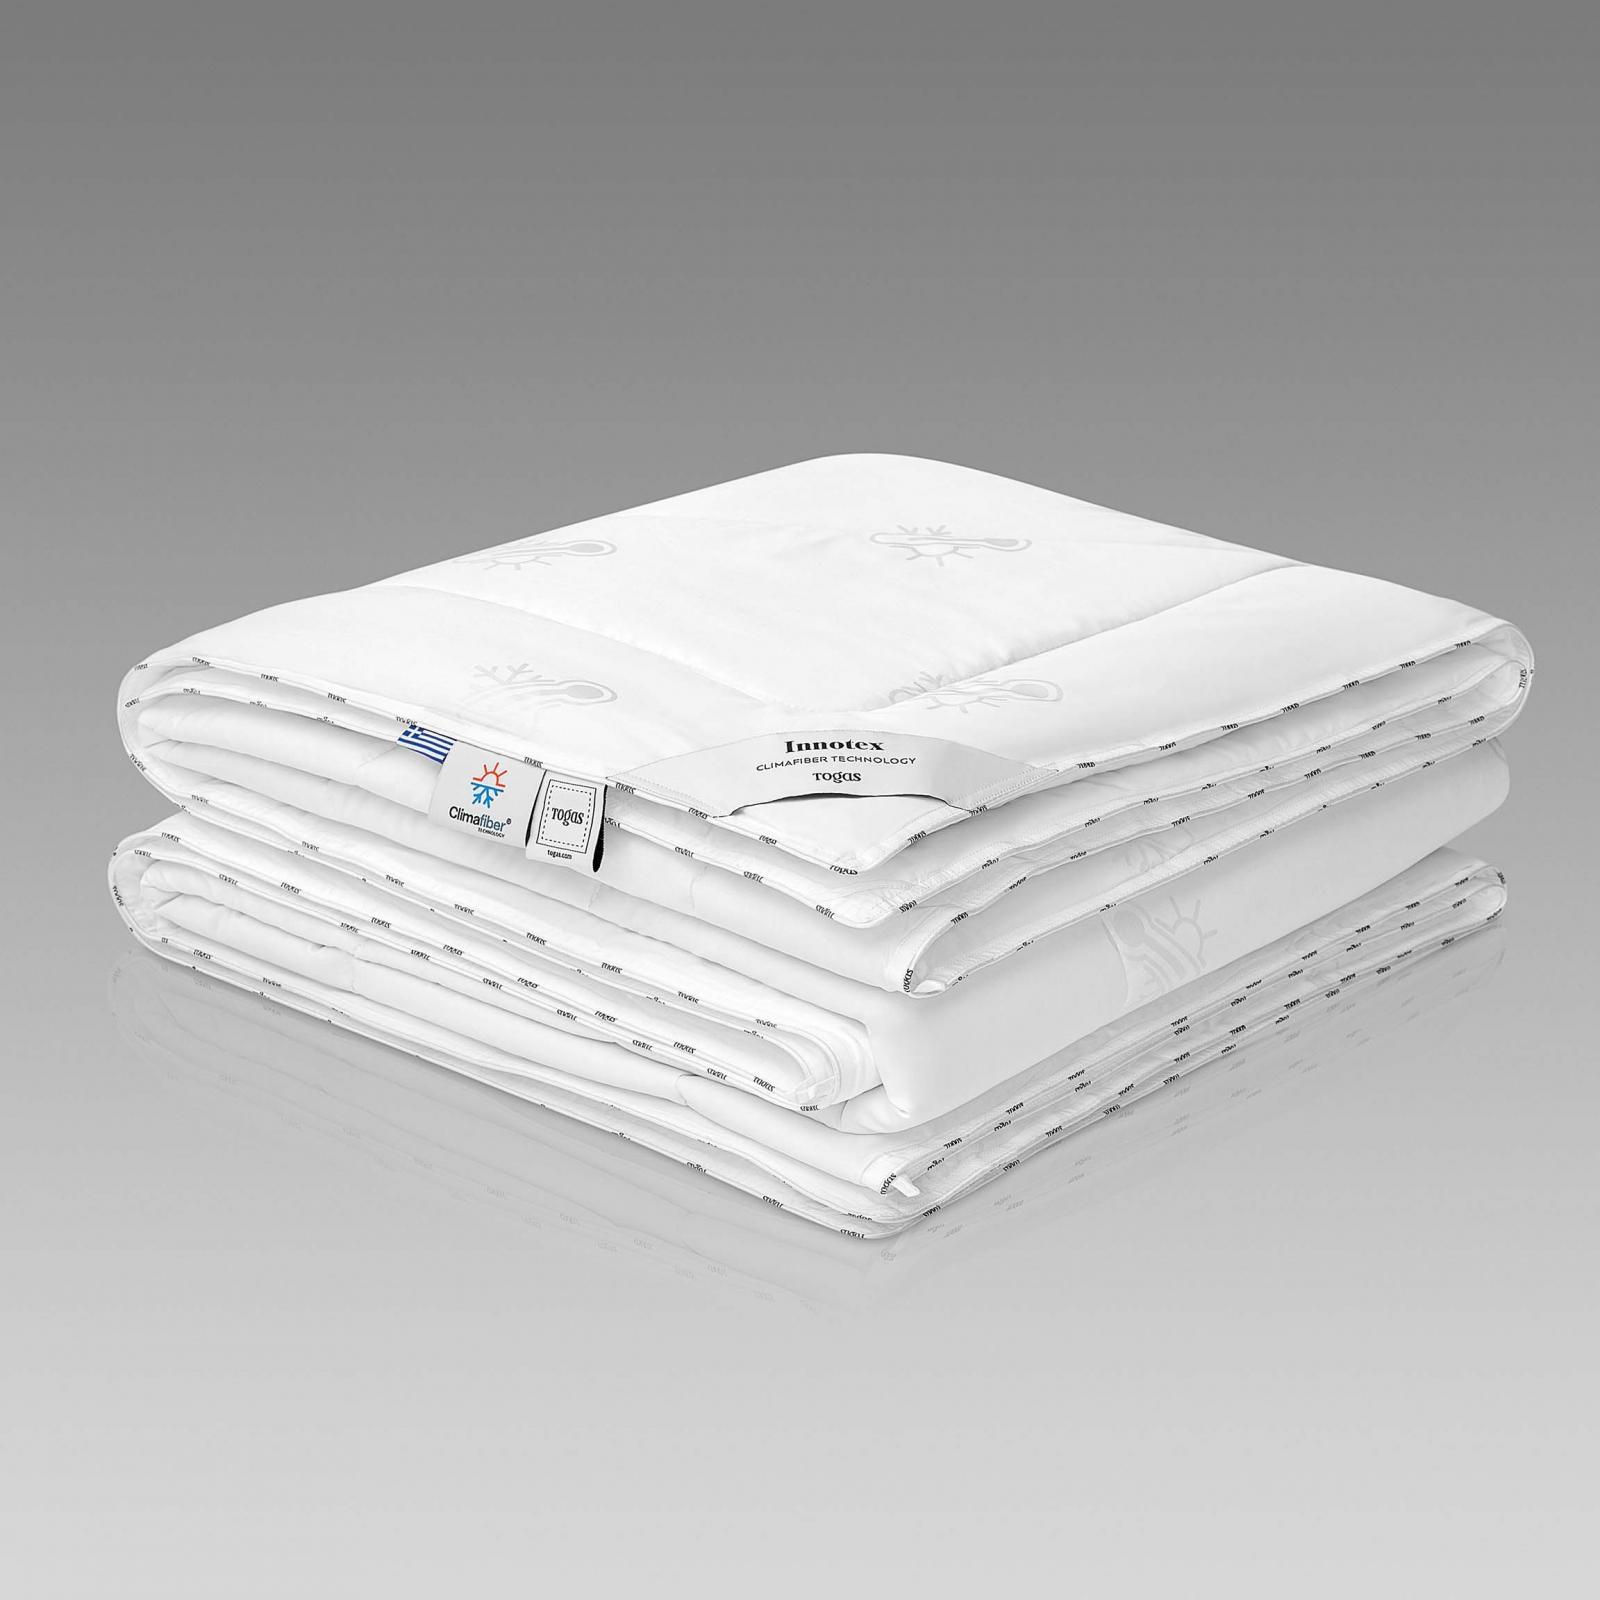 Одеяло Togas иннотекс 140x200